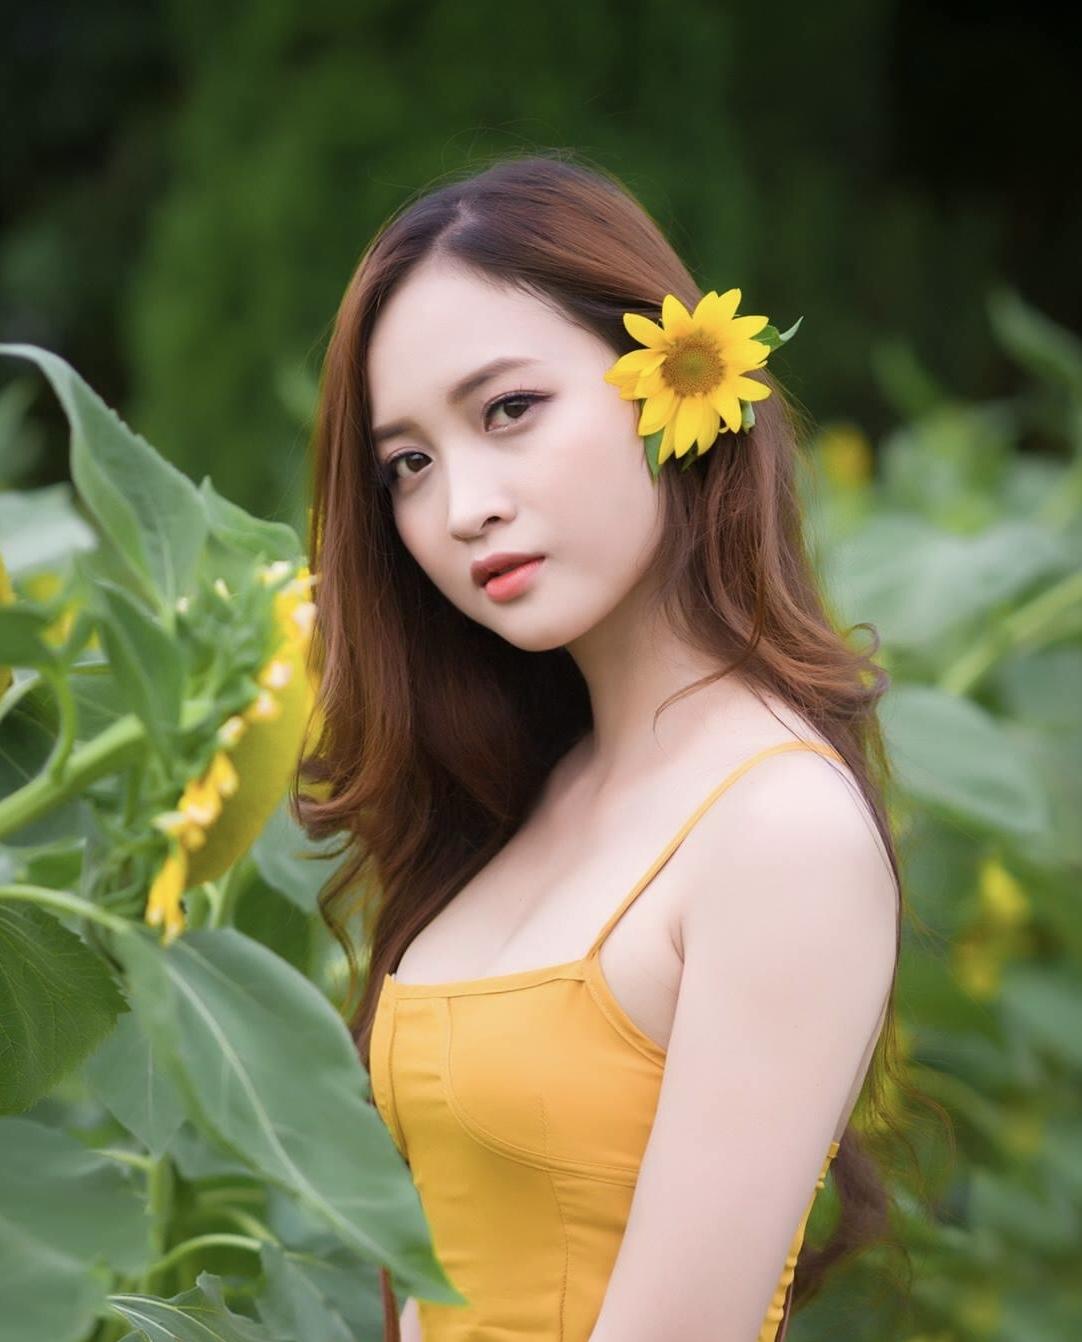 cach tao dang voi hoa huong duong (3)